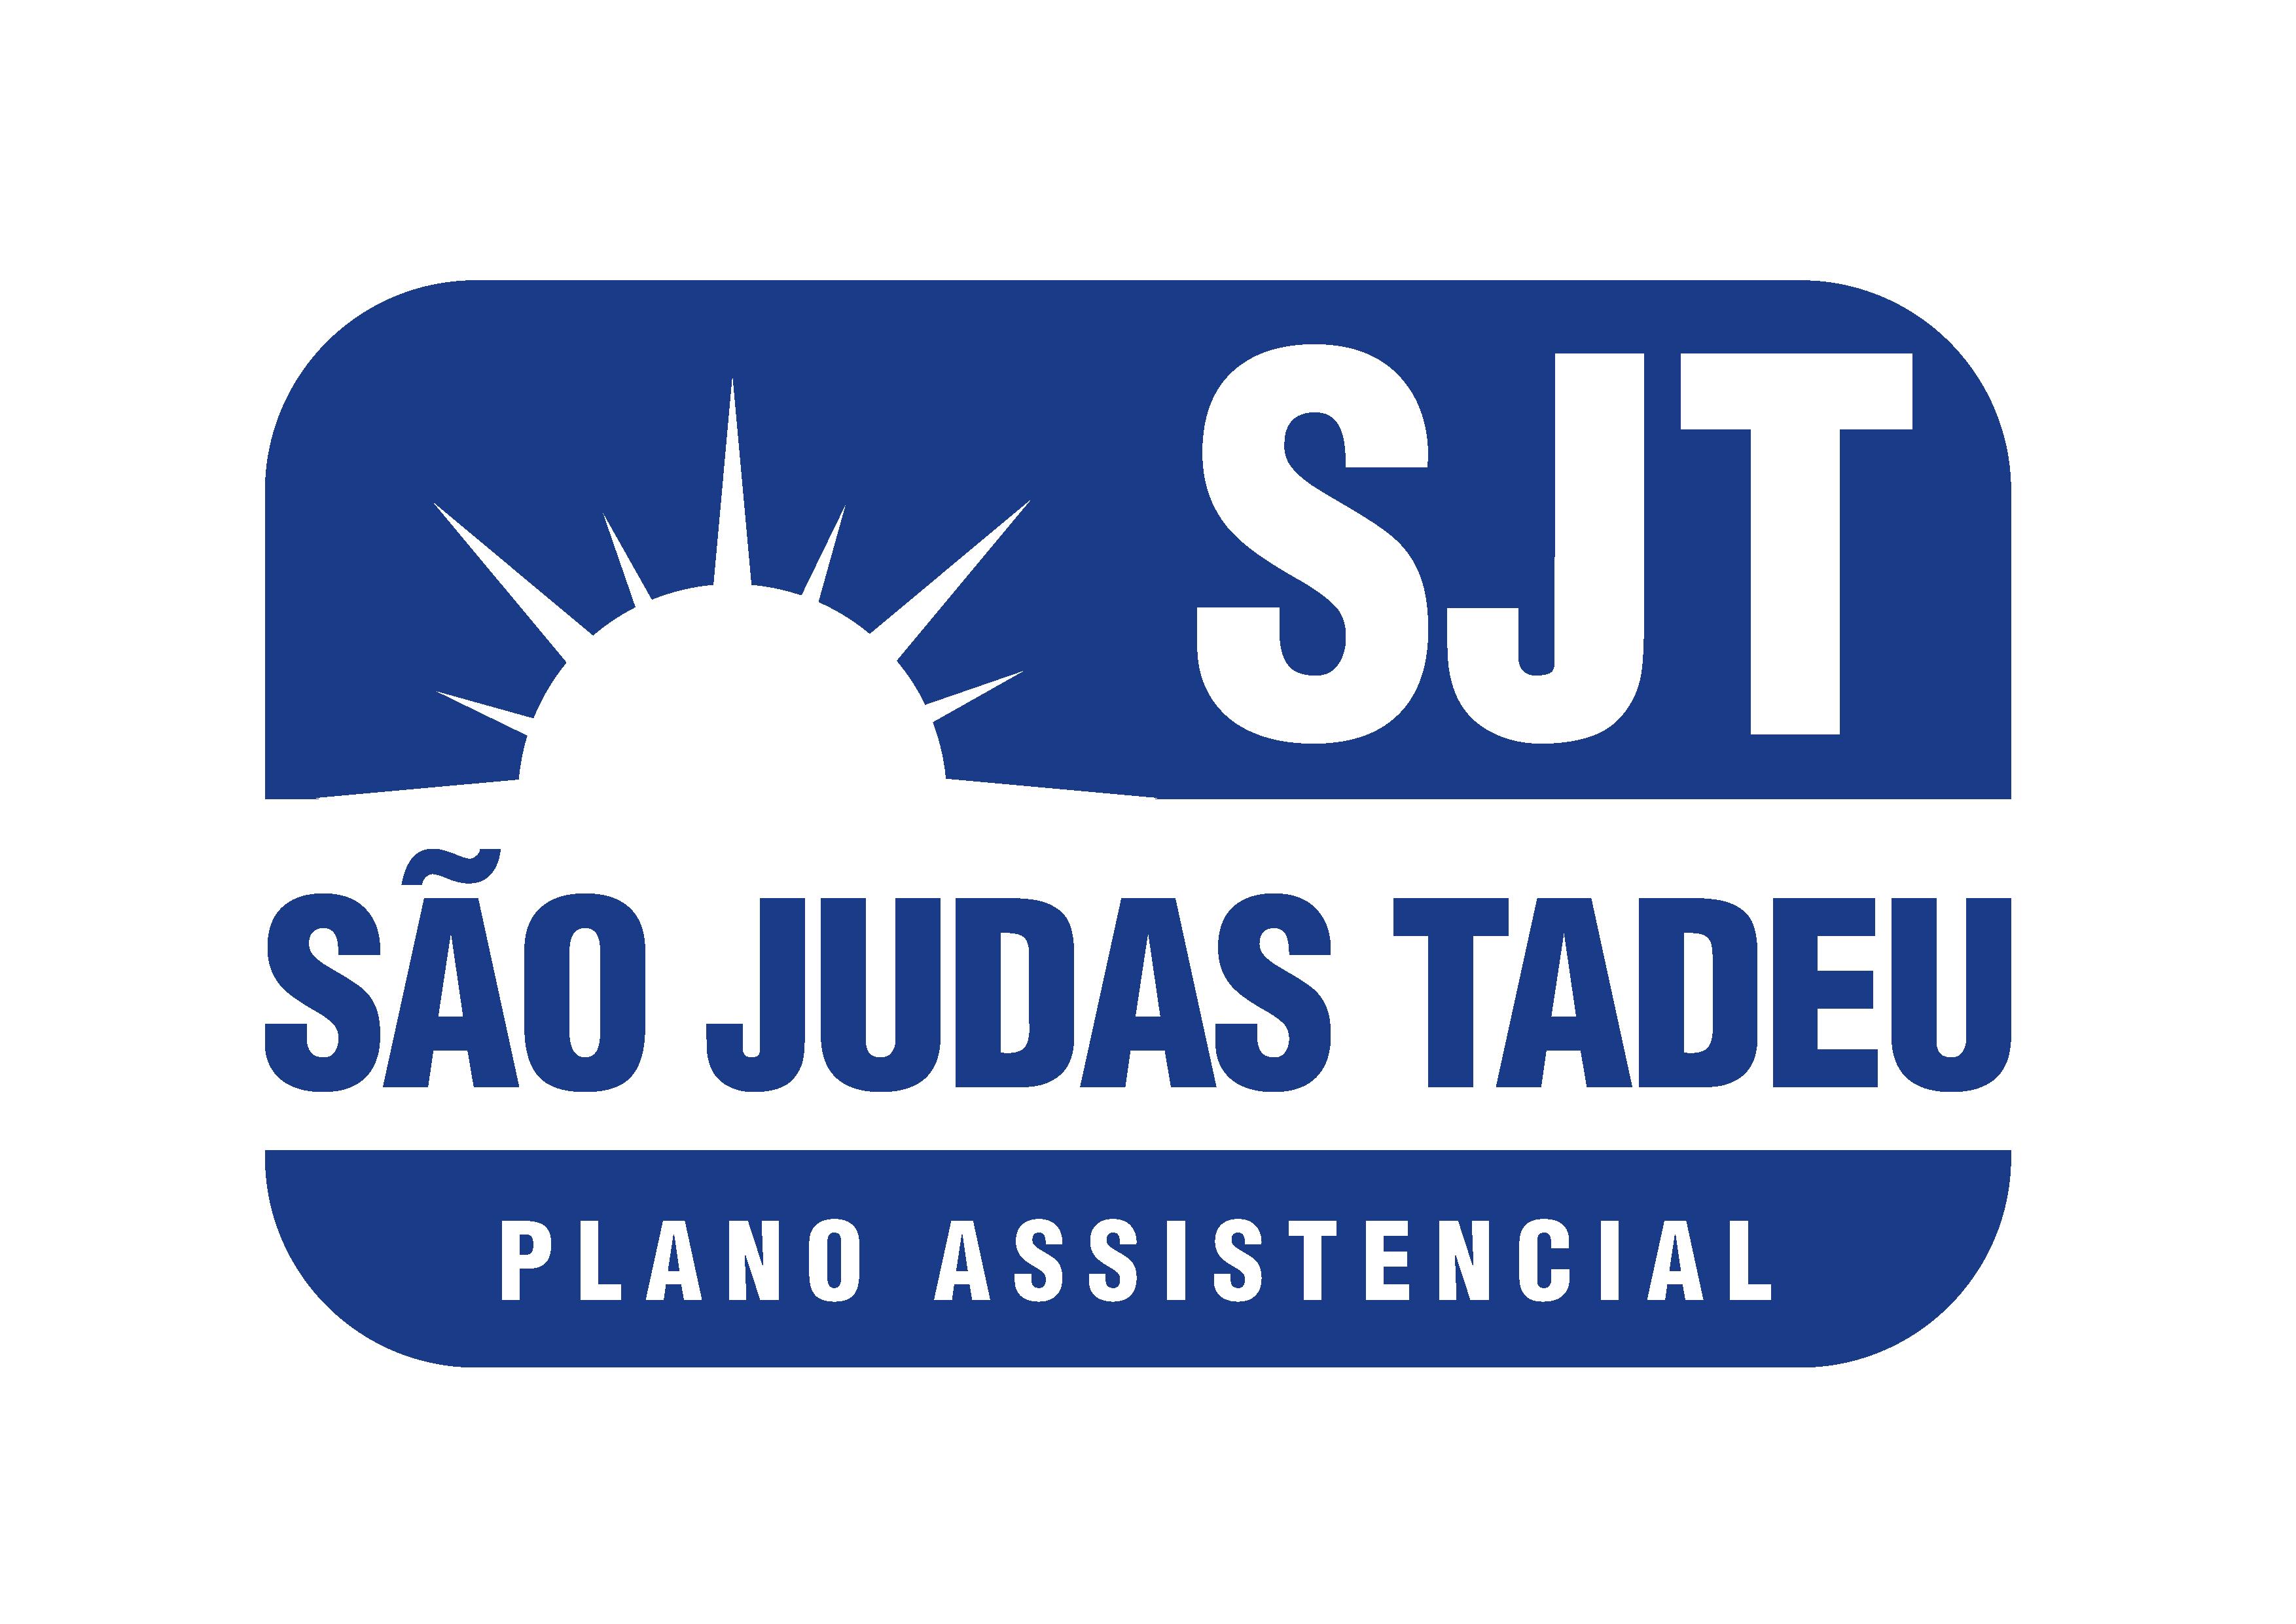 Plano Assistencial São Judas